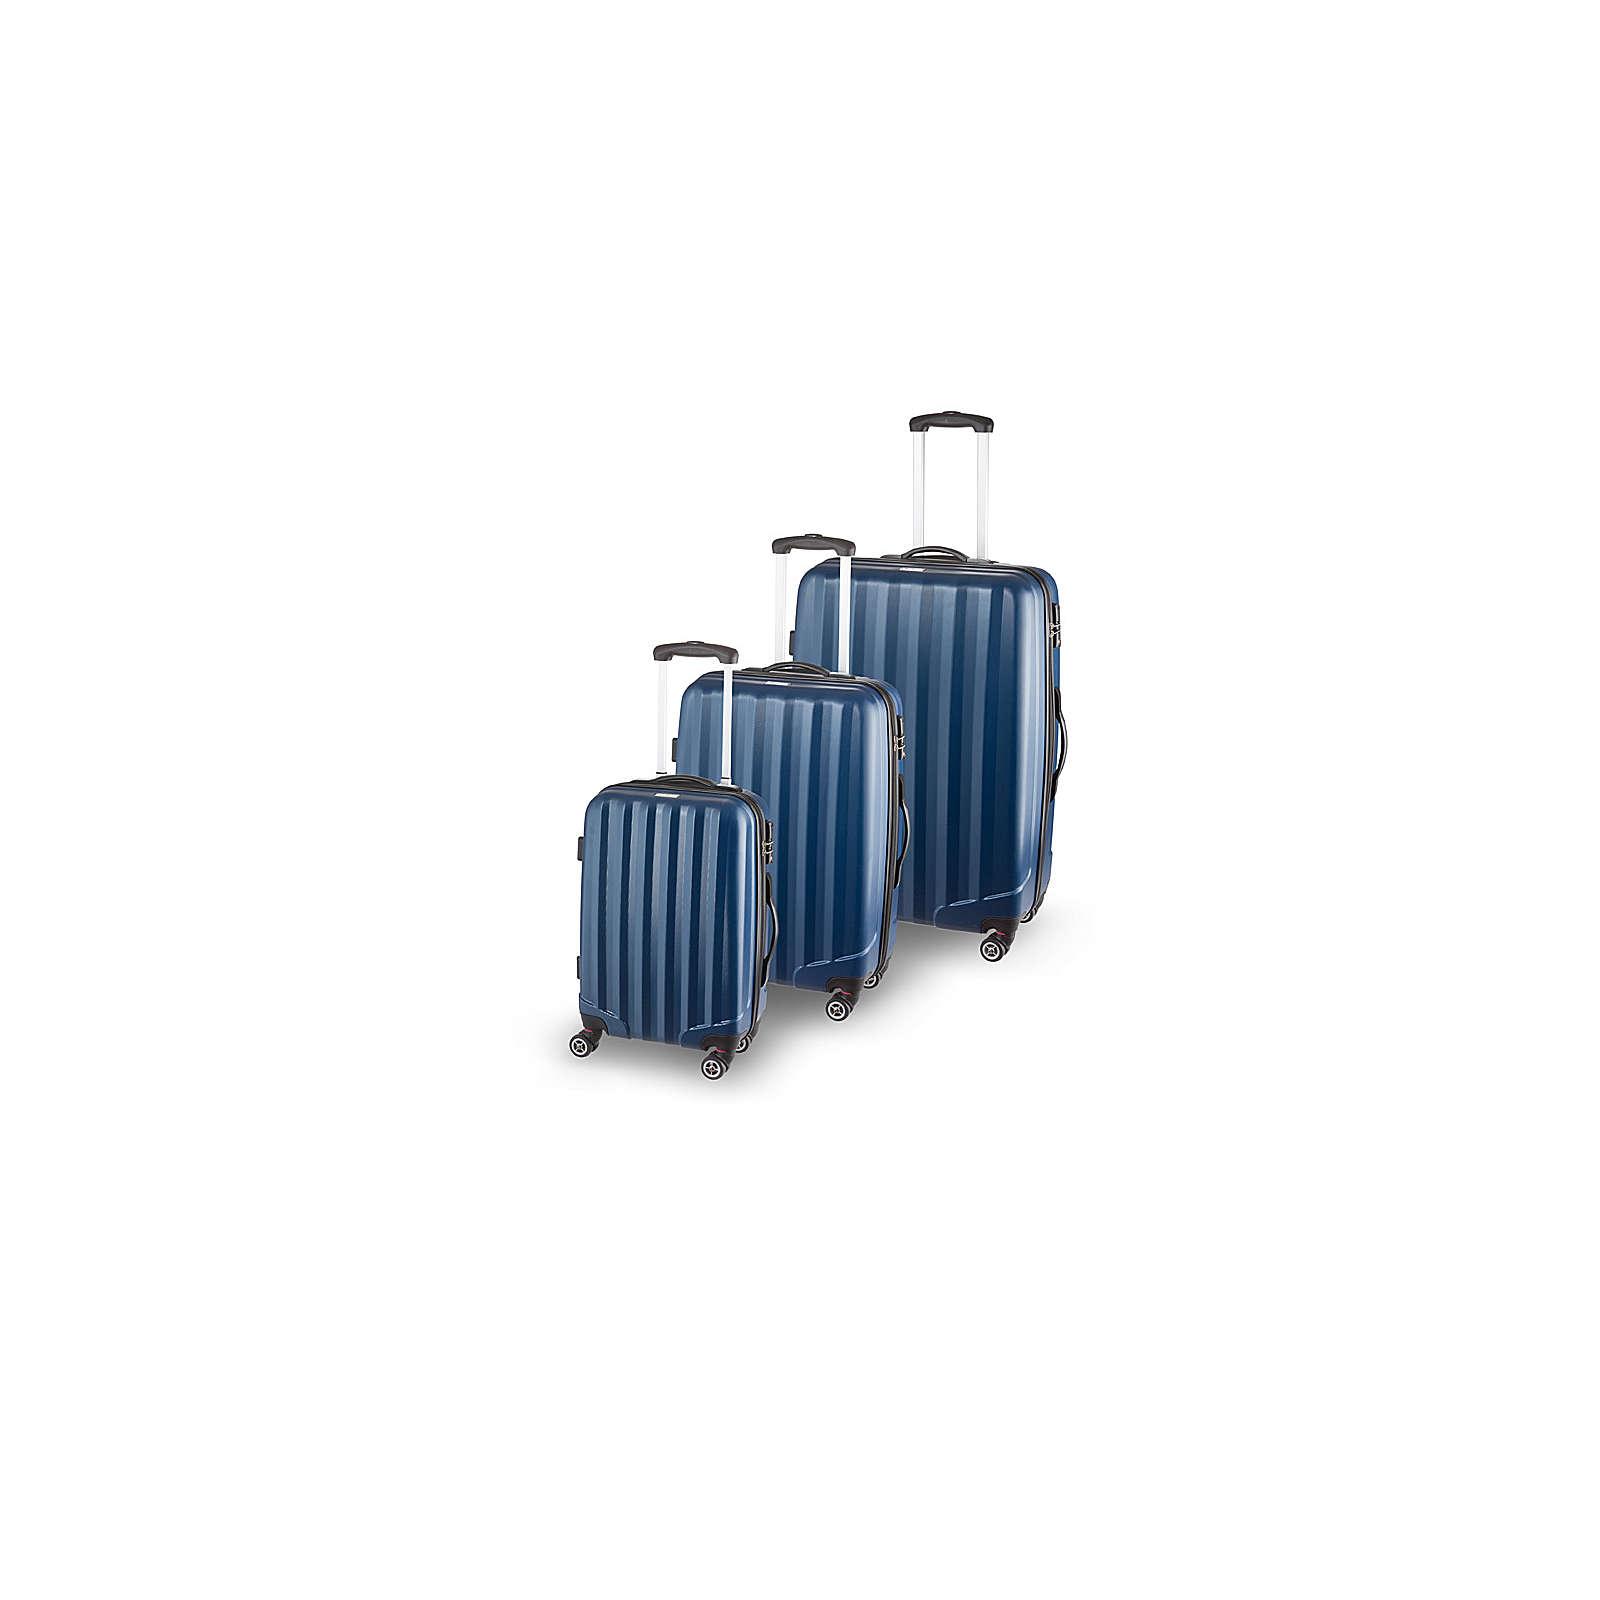 SCHNEIDERS Koffer Set Manhattan Koffer blau